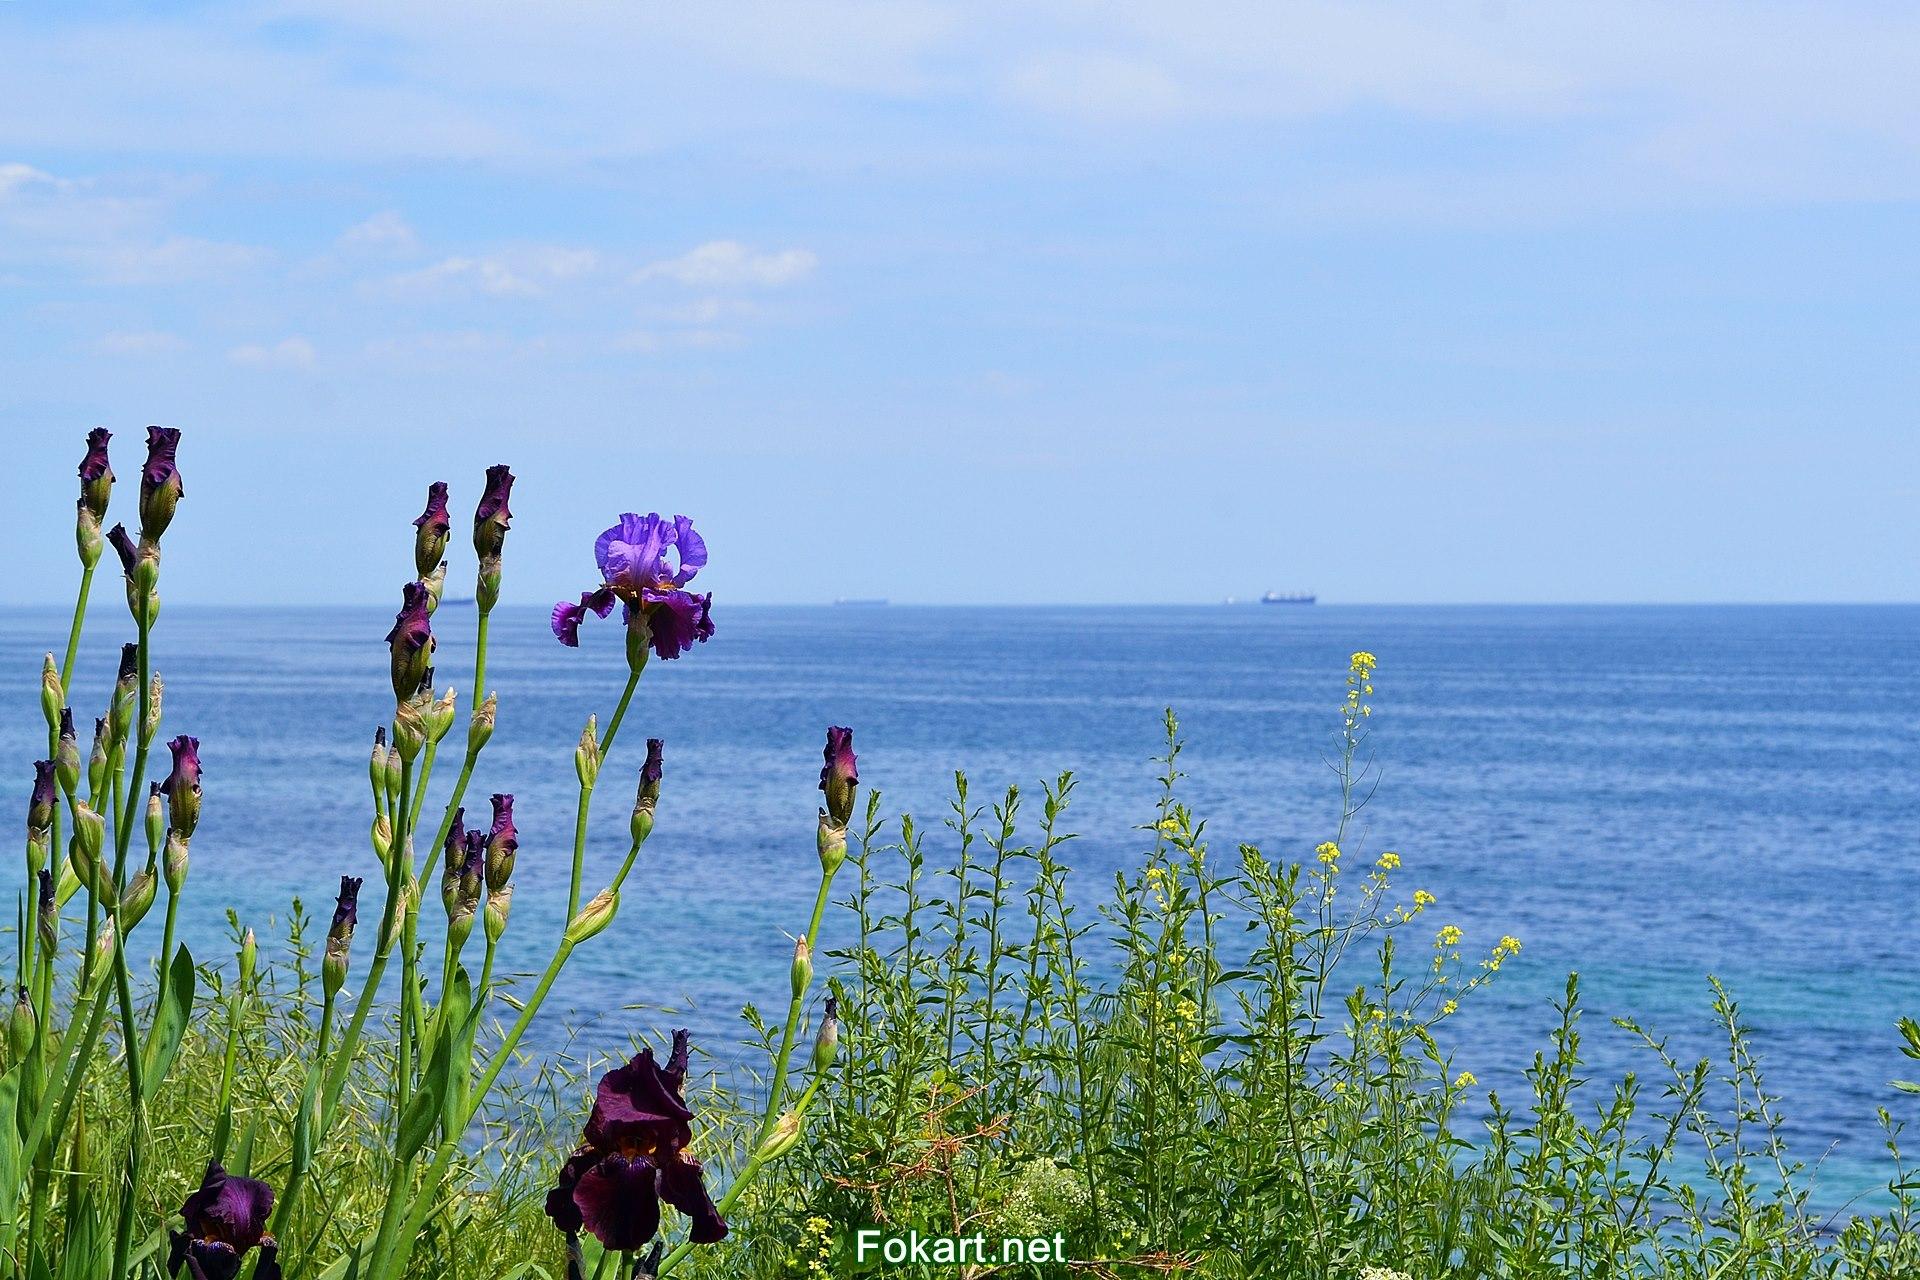 Ирисы, цветущие травы и морской горизонт.